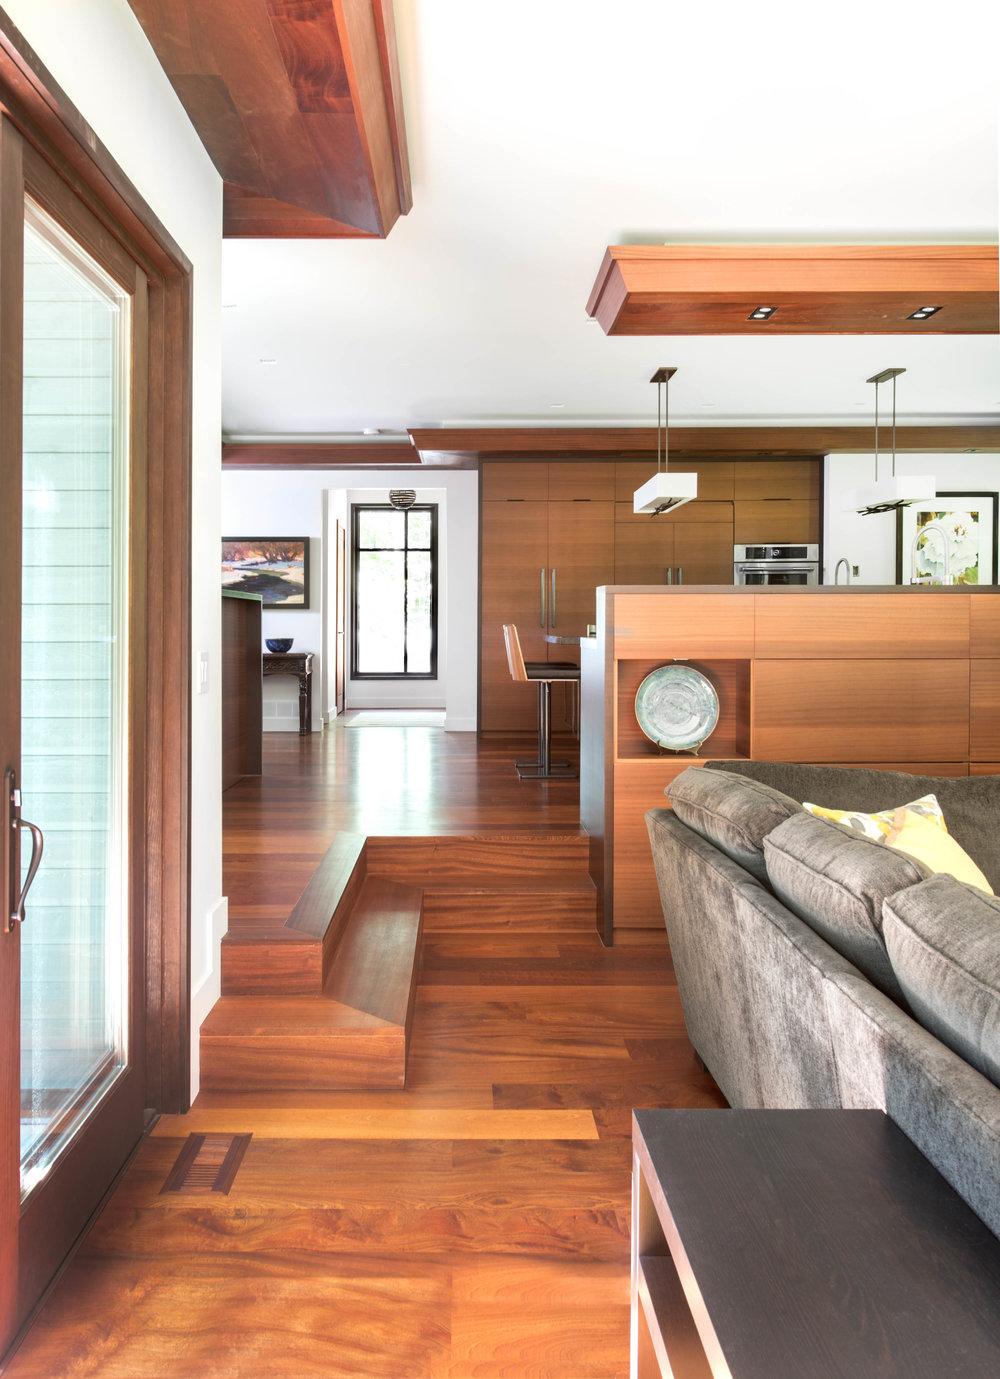 kate-davidson-interior-designer-highview-project-living-room.jpg